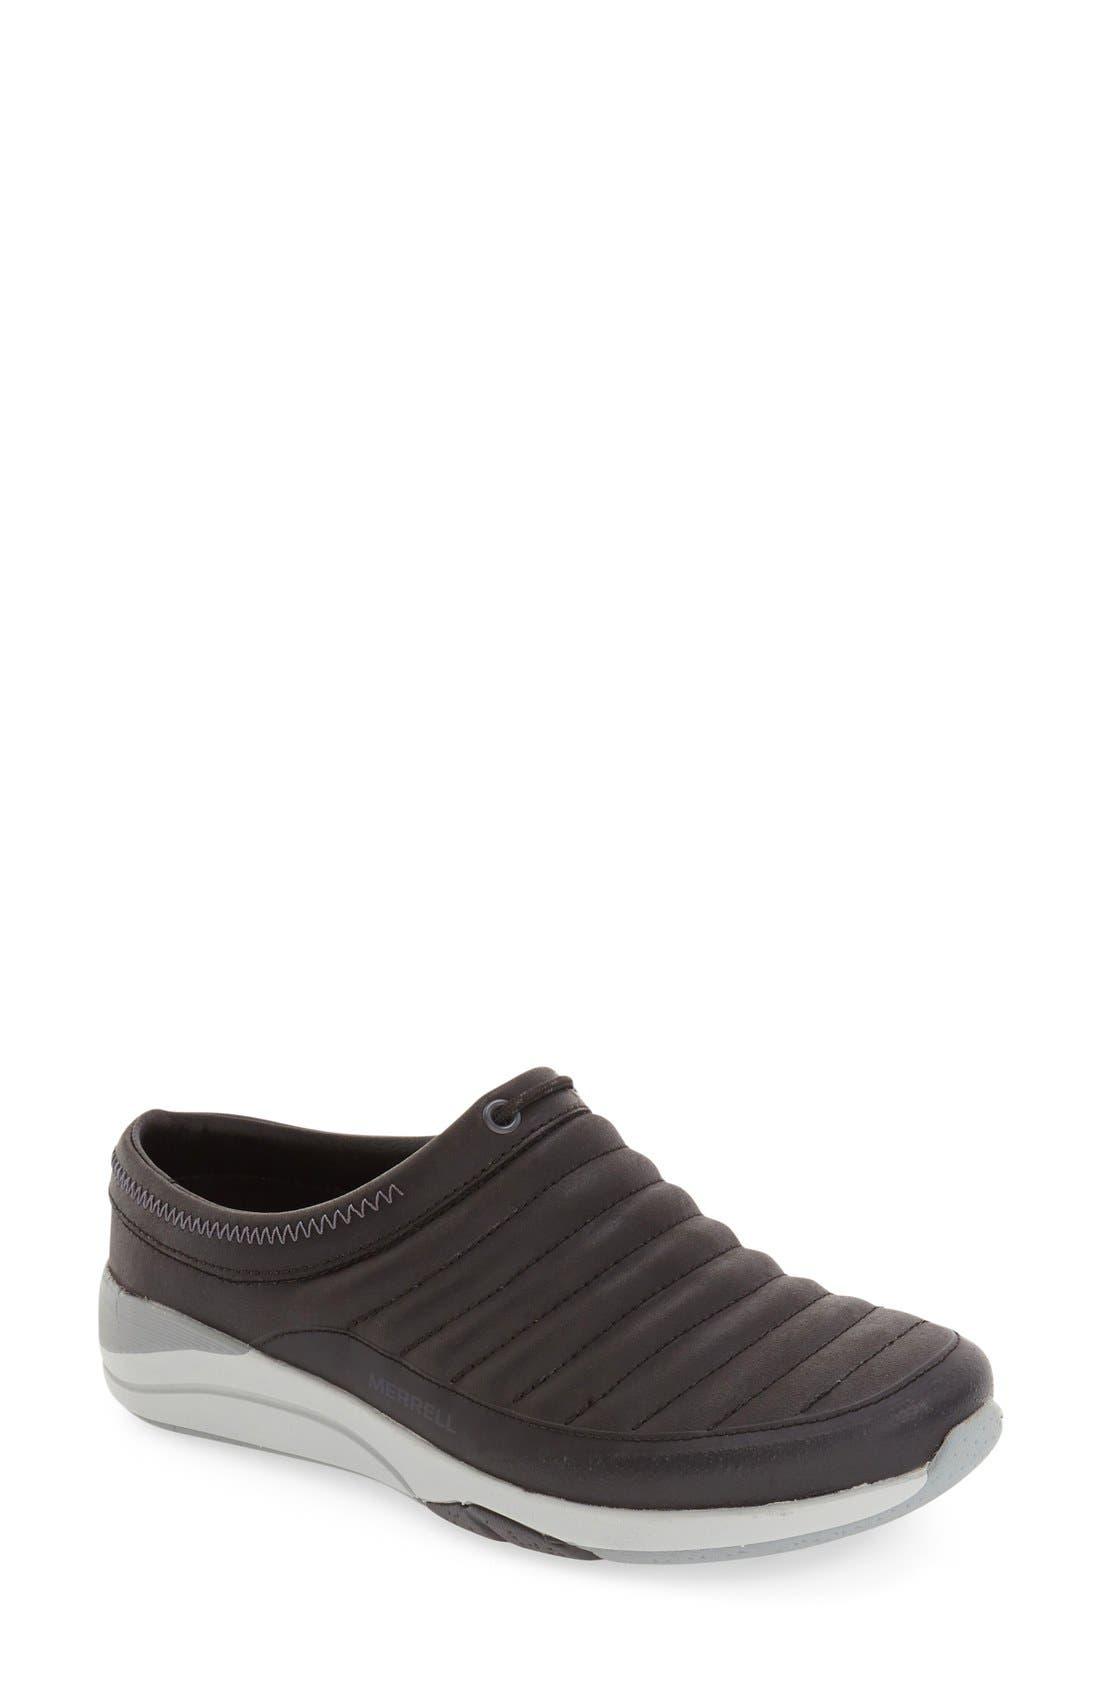 Merrell 'Applaud' Slide Sneaker (Women)